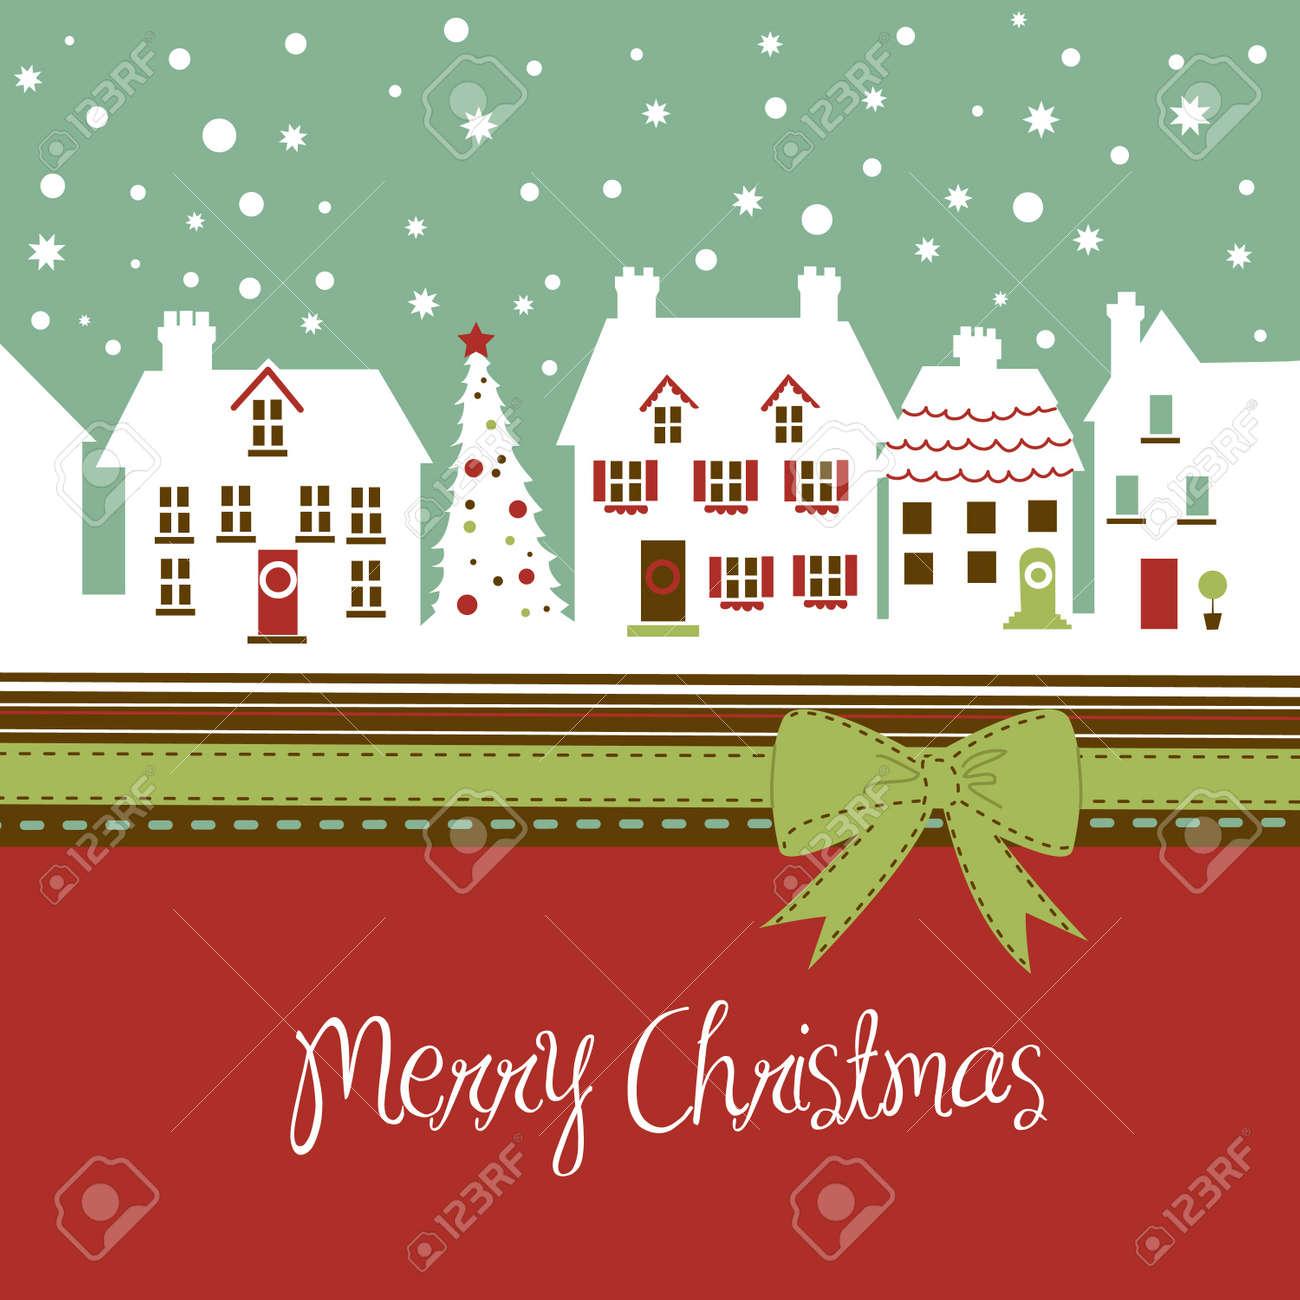 Foto Carine Di Natale.Cartolina Di Natale Citta Carina A Natale Tempo